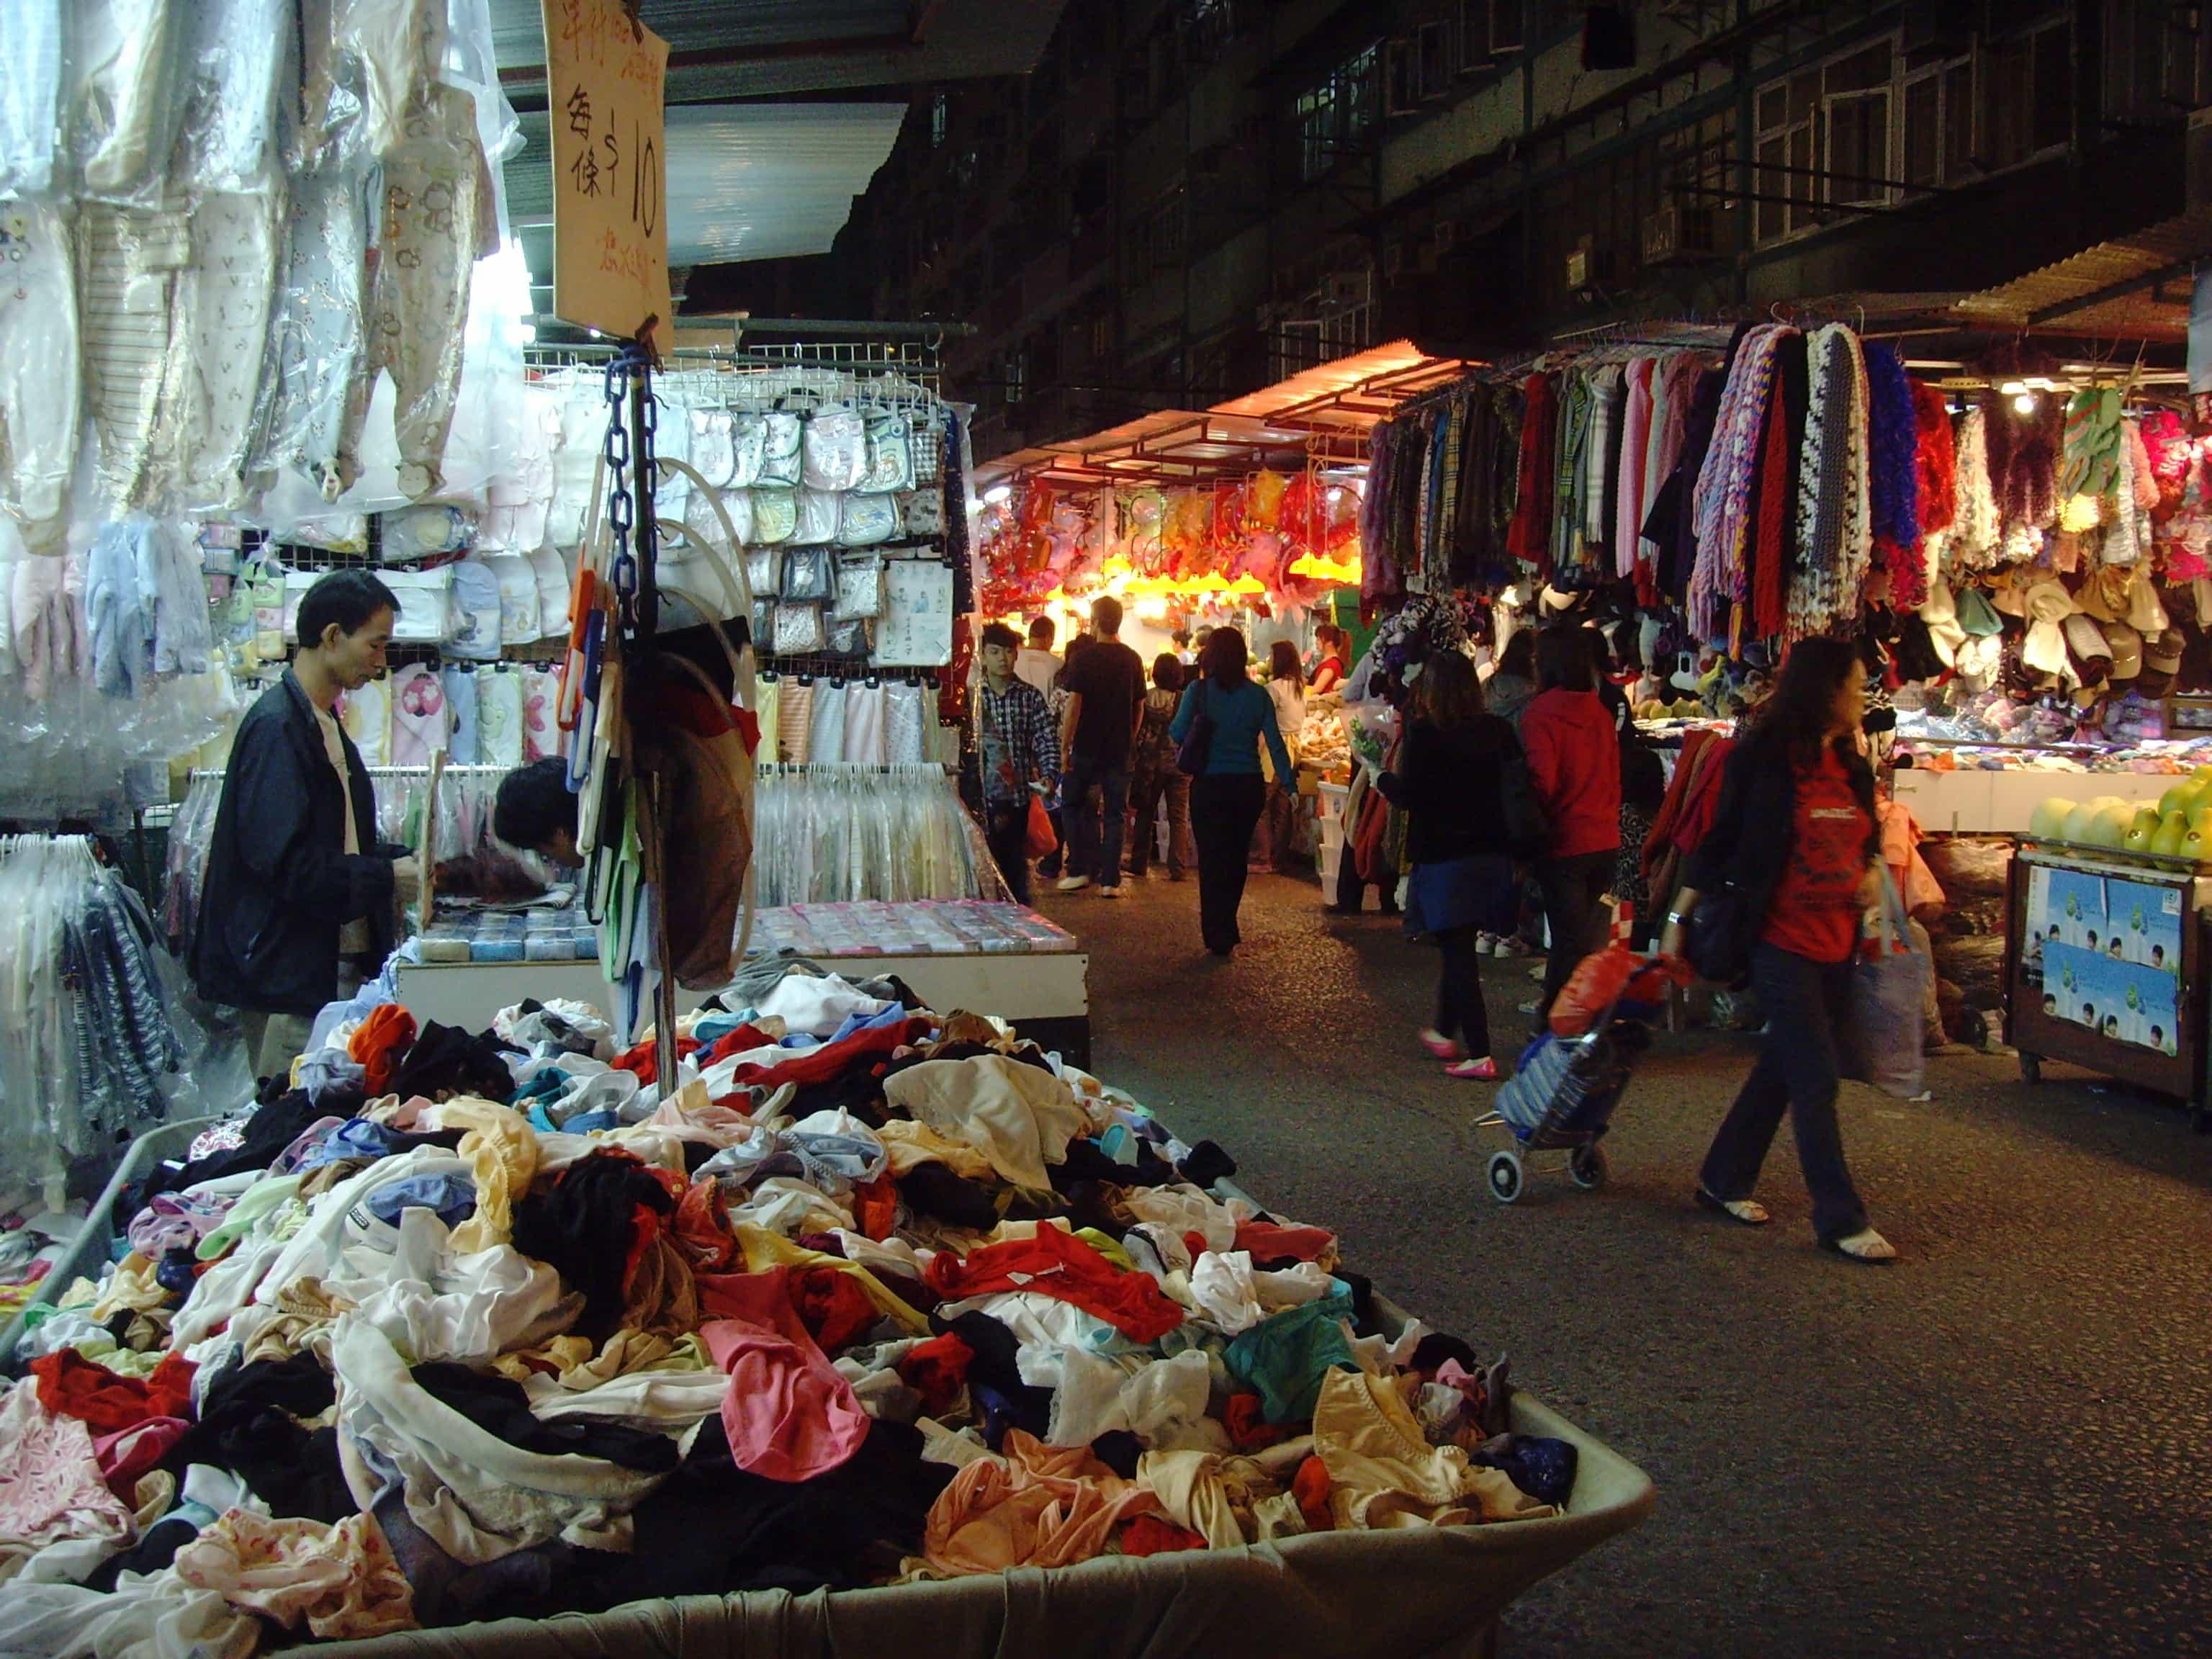 Ladie's Market, Hong Kong tourist spots, Hong Kong itinerary